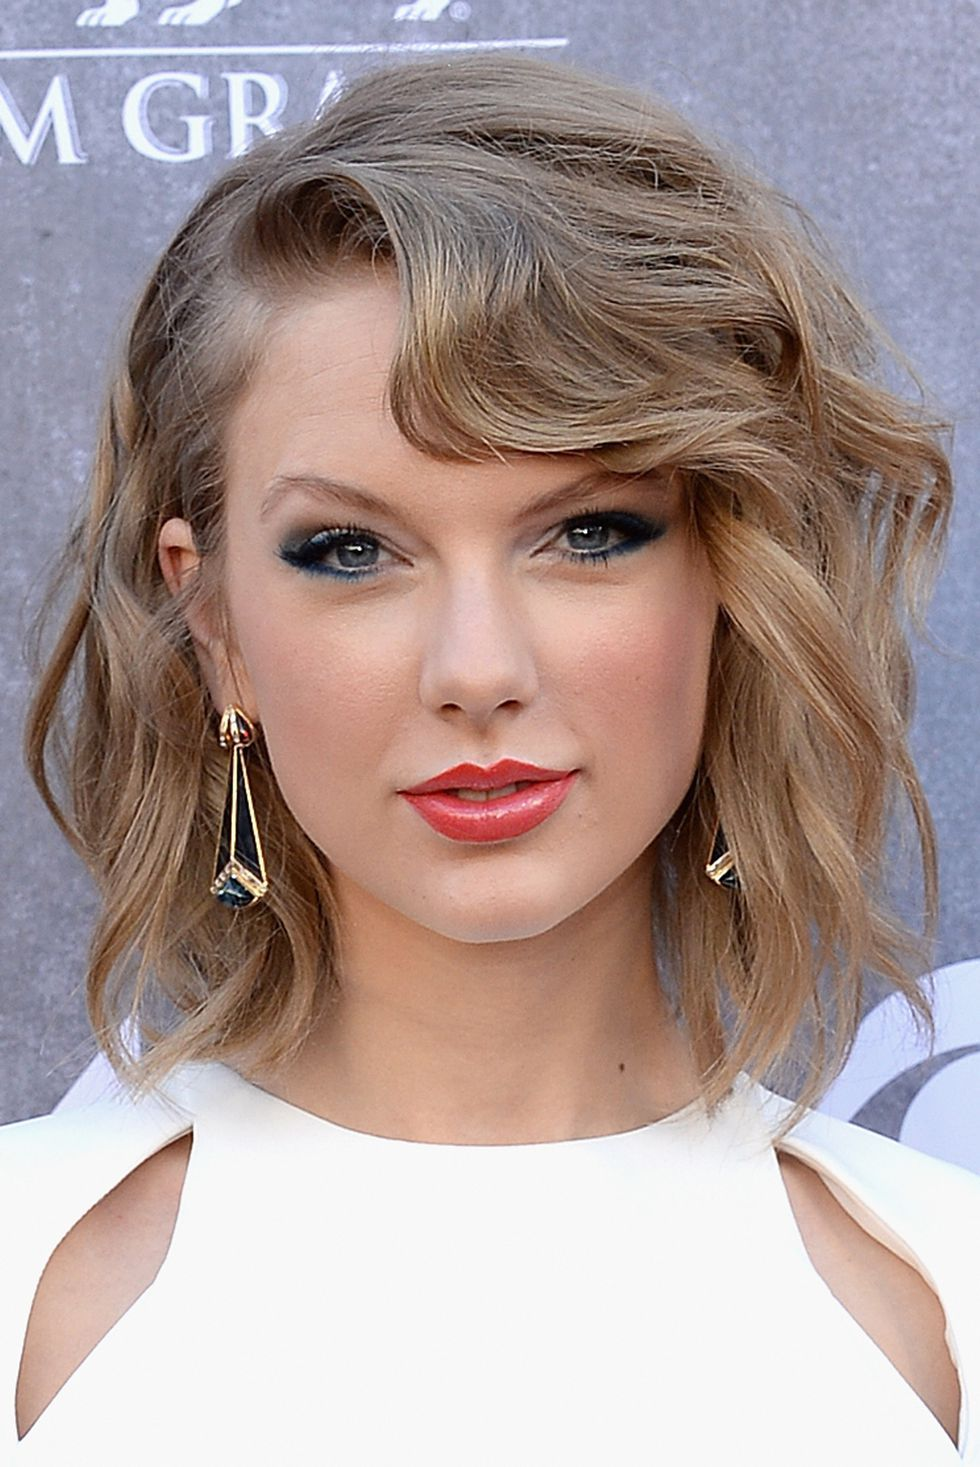 Mỹ nhân Hollywood gợi ý 10 kiểu tóc xoăn đẹp cho từng dáng mặt - Ảnh 7